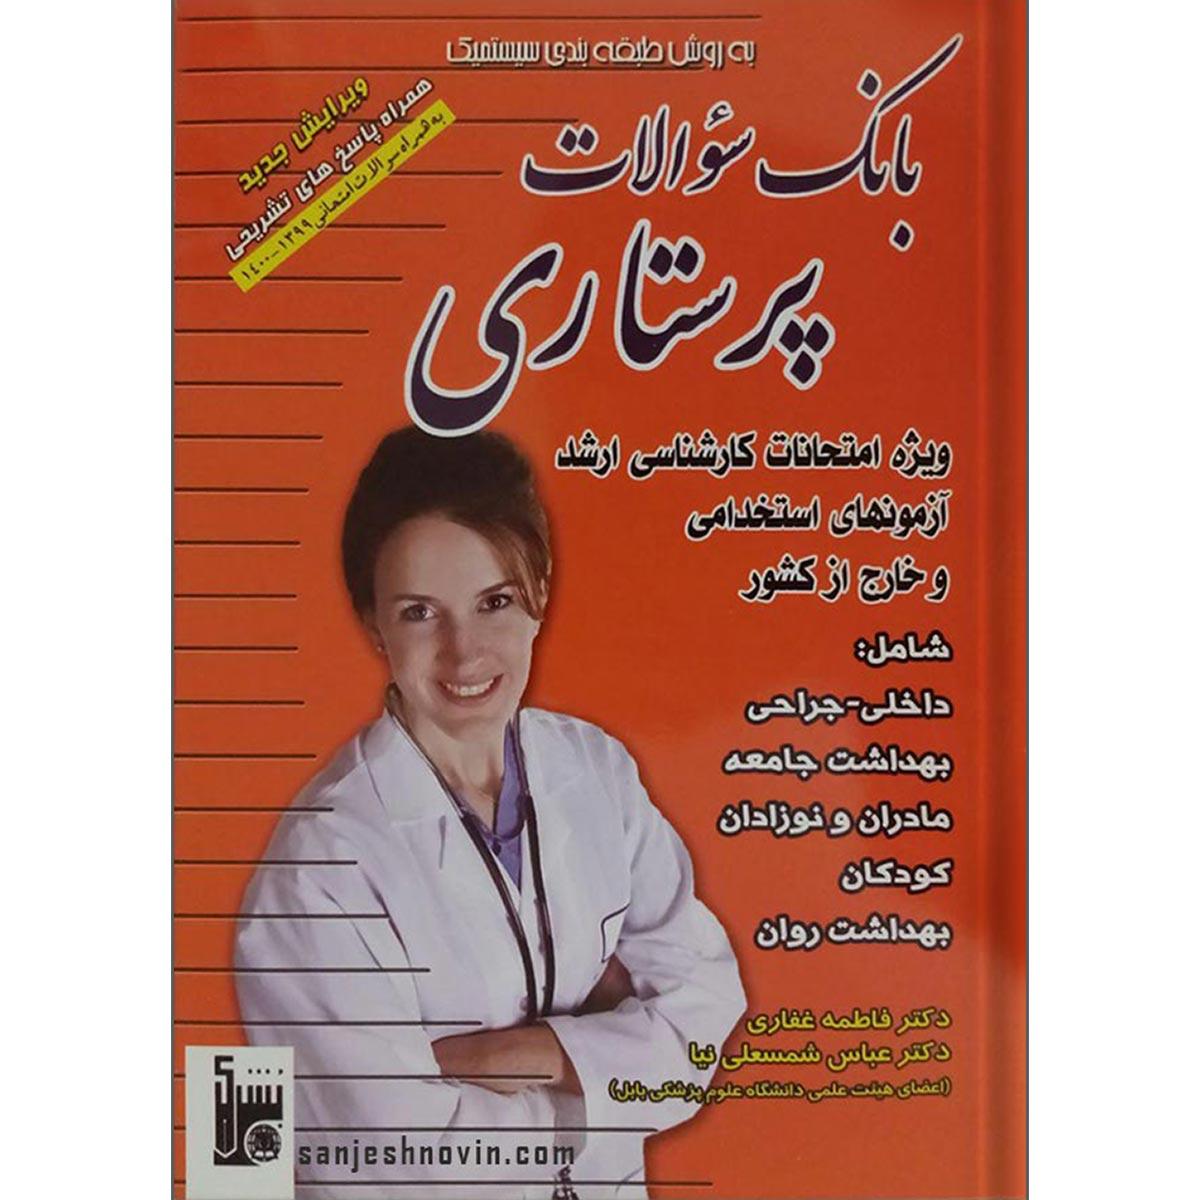 کتاب بانک سوالات پرستاری فاطمه غفاری